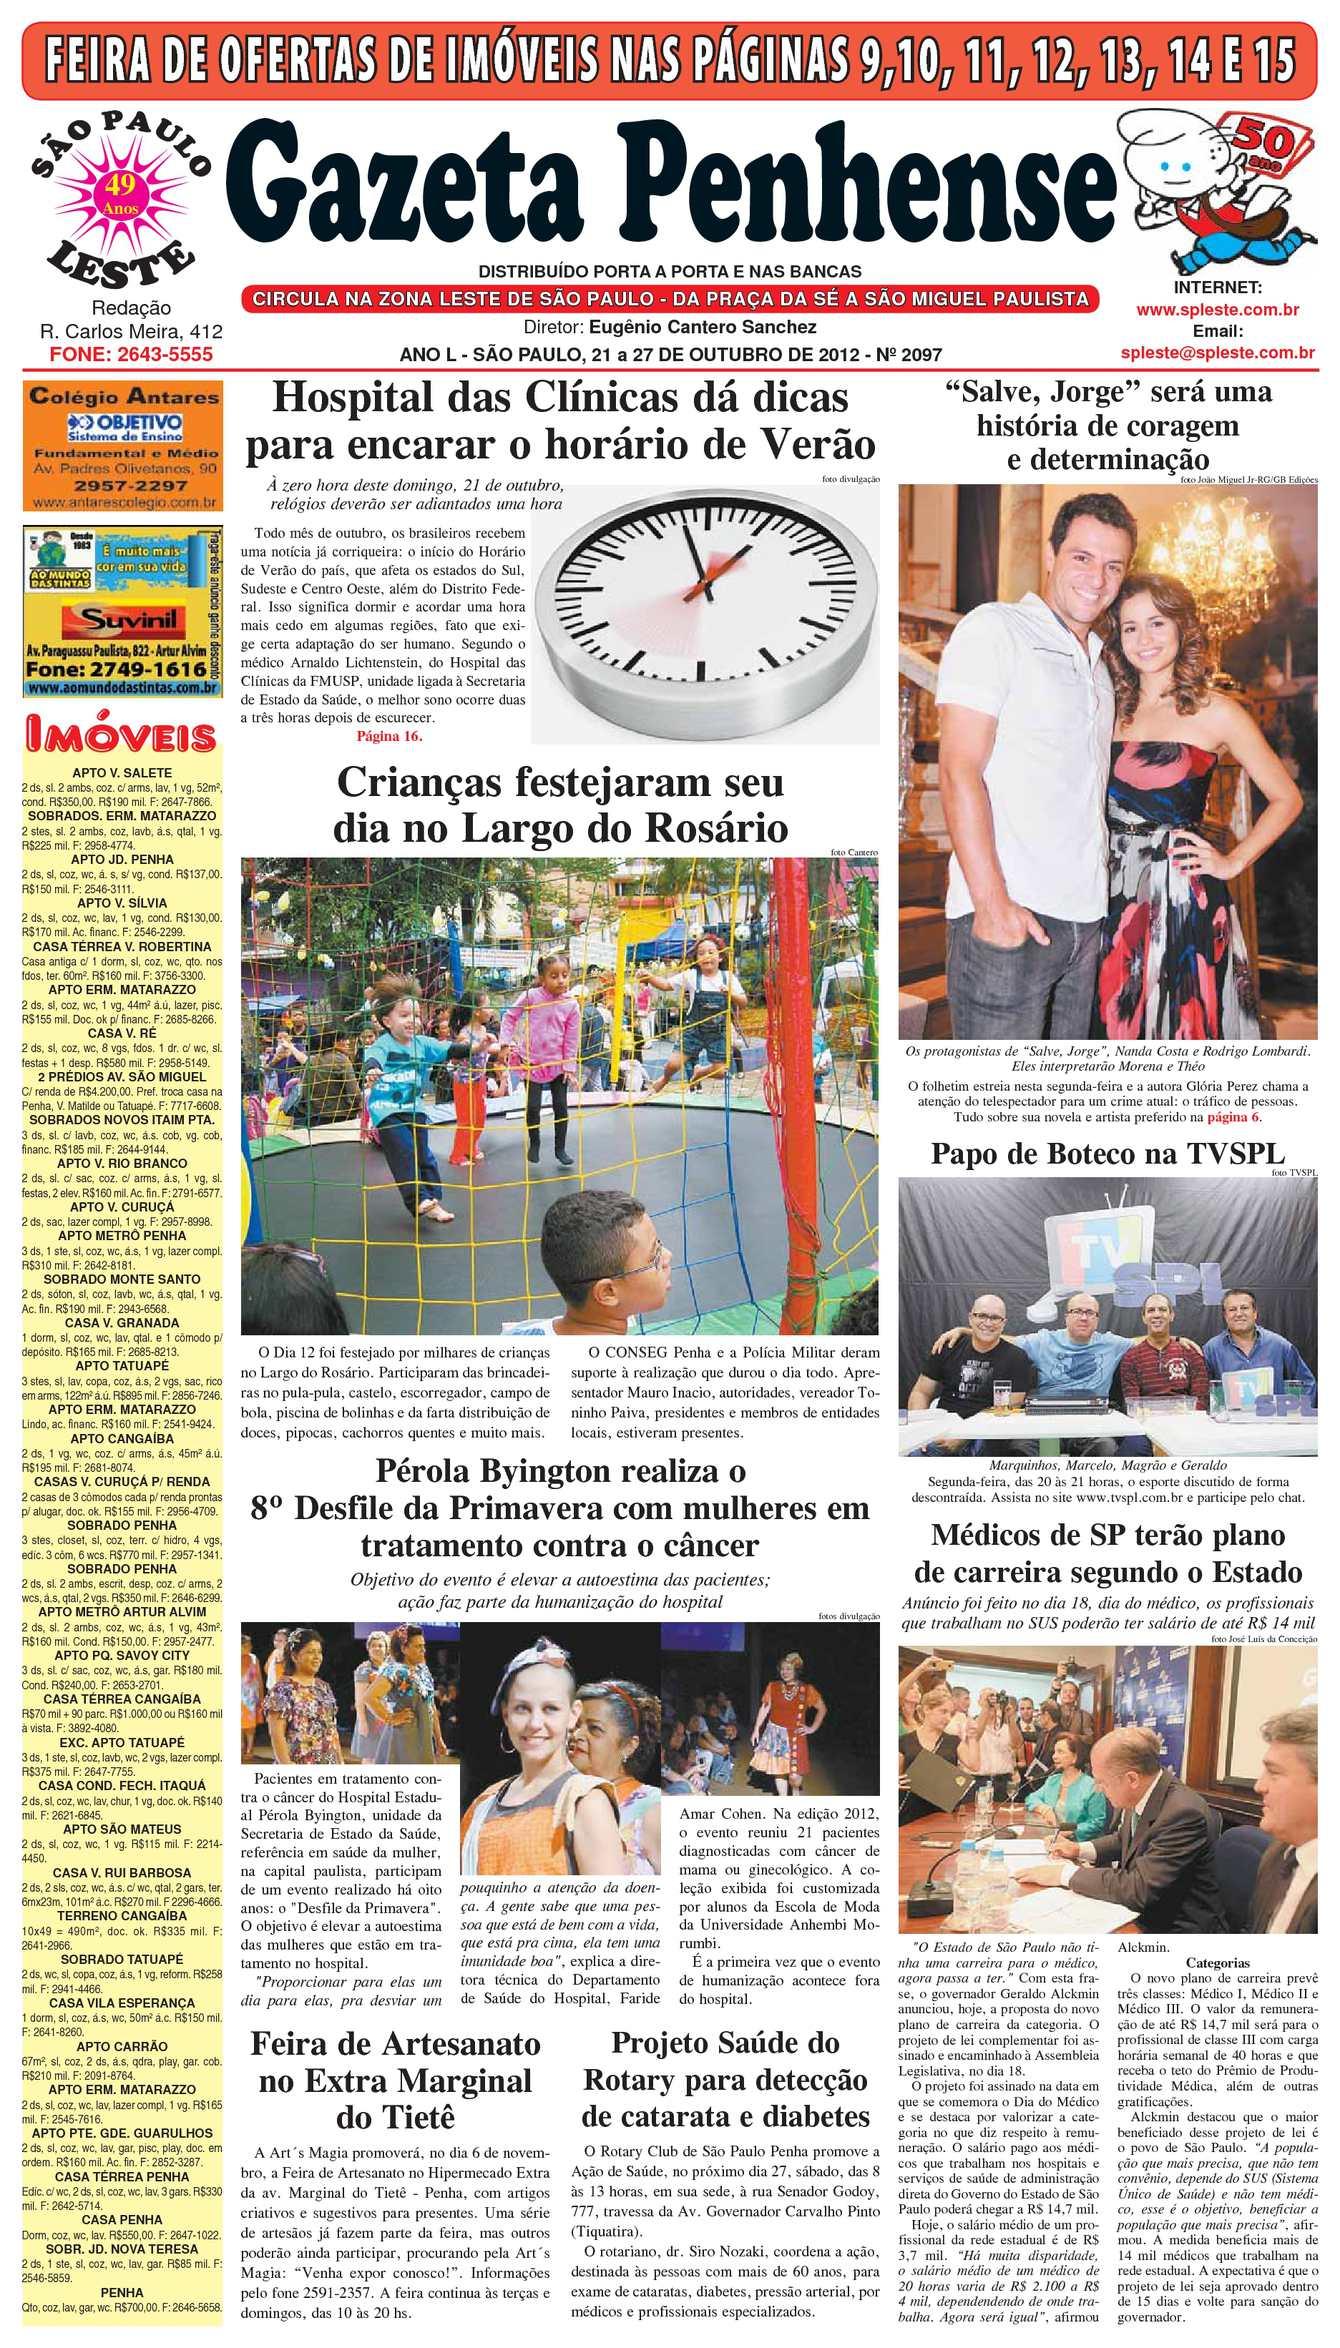 Calaméo - Gazeta Penhense - 21 a 27 10 12 - edição 2097 e8a2dd2ca1b15